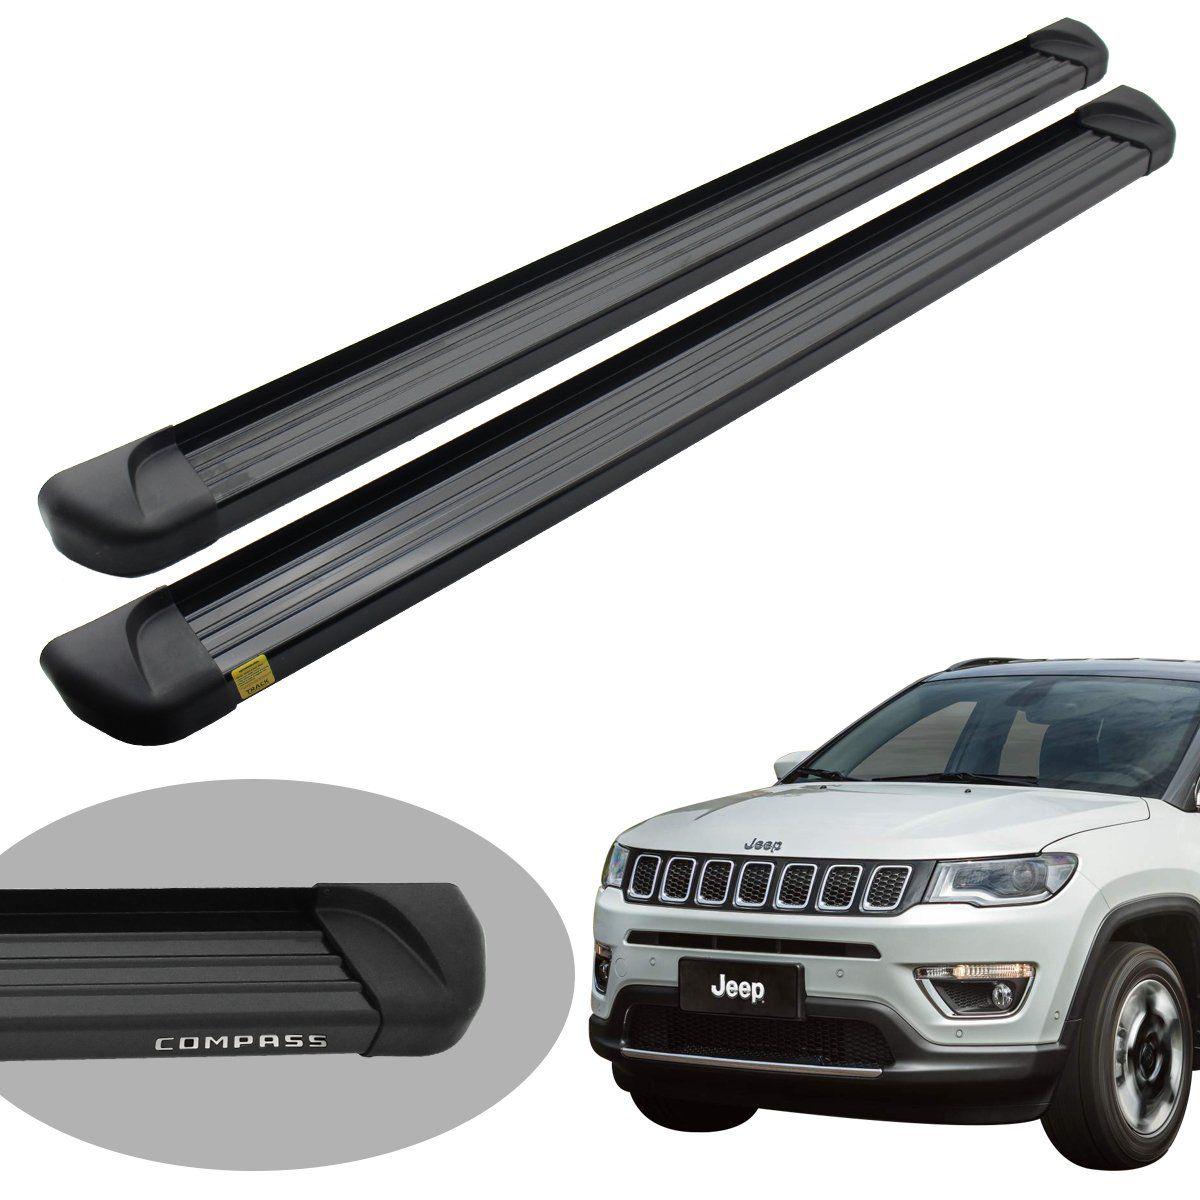 Estribo Track plataforma alumínio preto Jeep Compass 2017 a 2021